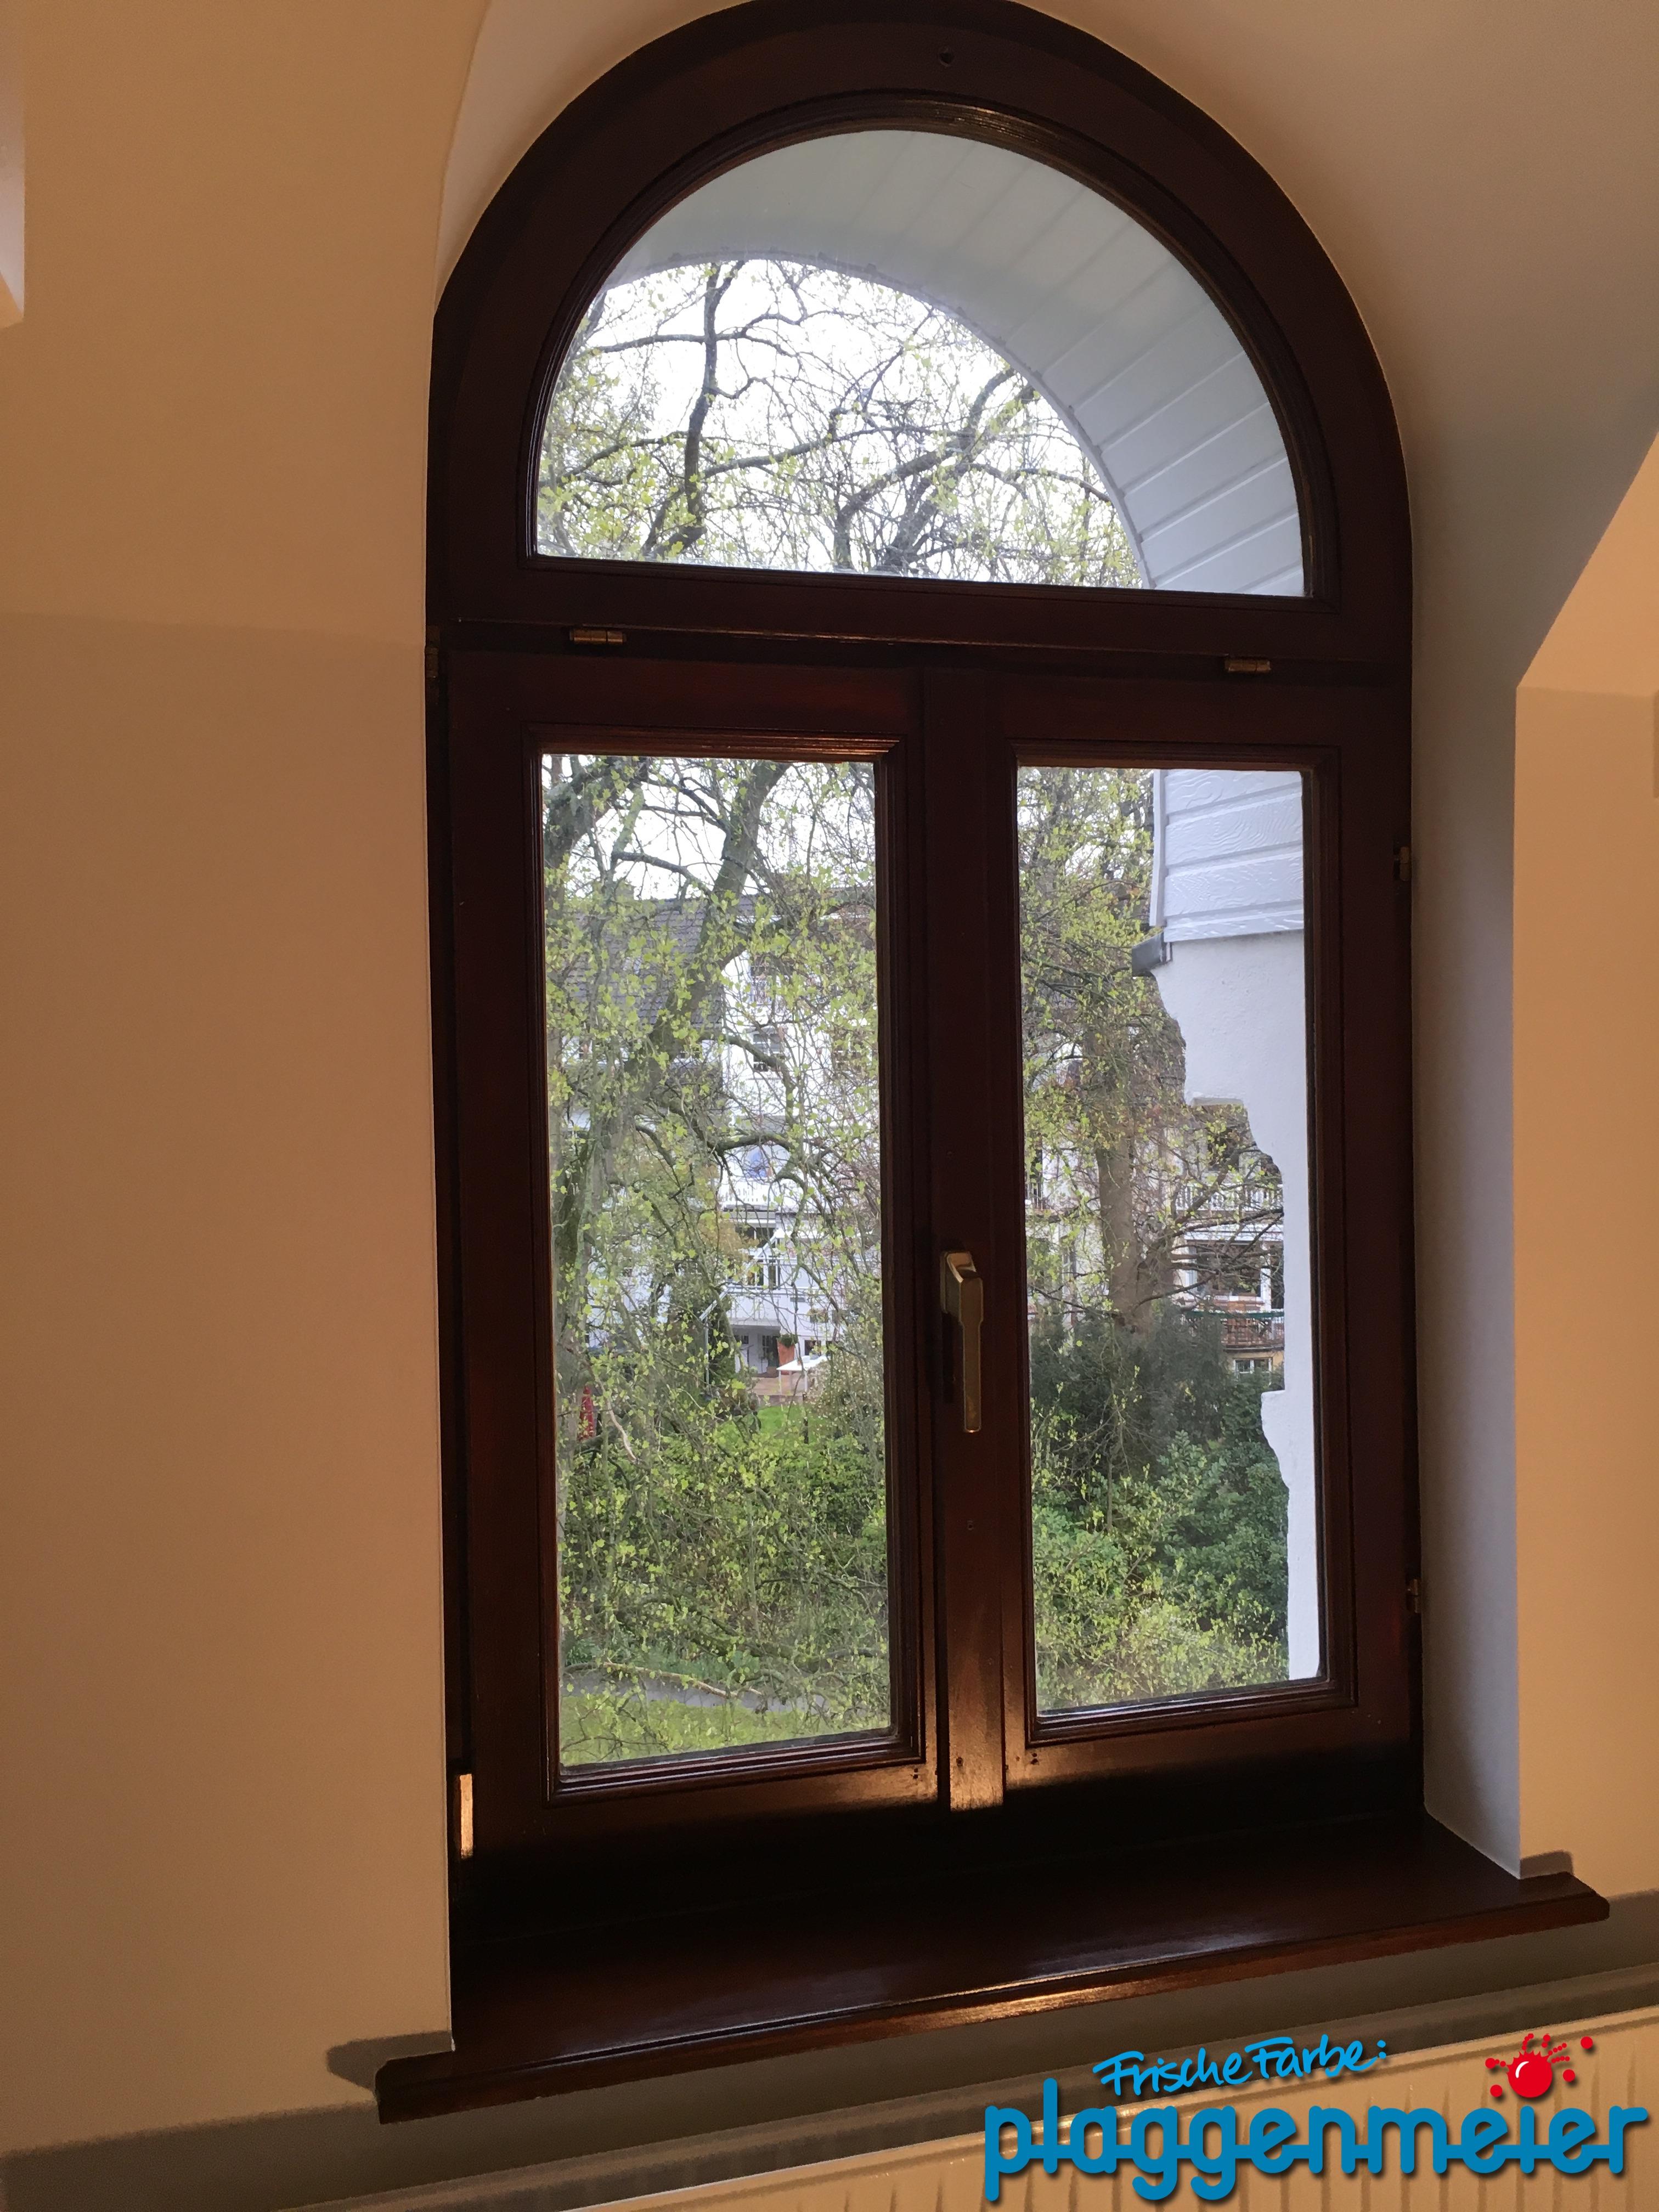 luxus renovierung arno plaggenmeier gmbh maler bremen. Black Bedroom Furniture Sets. Home Design Ideas